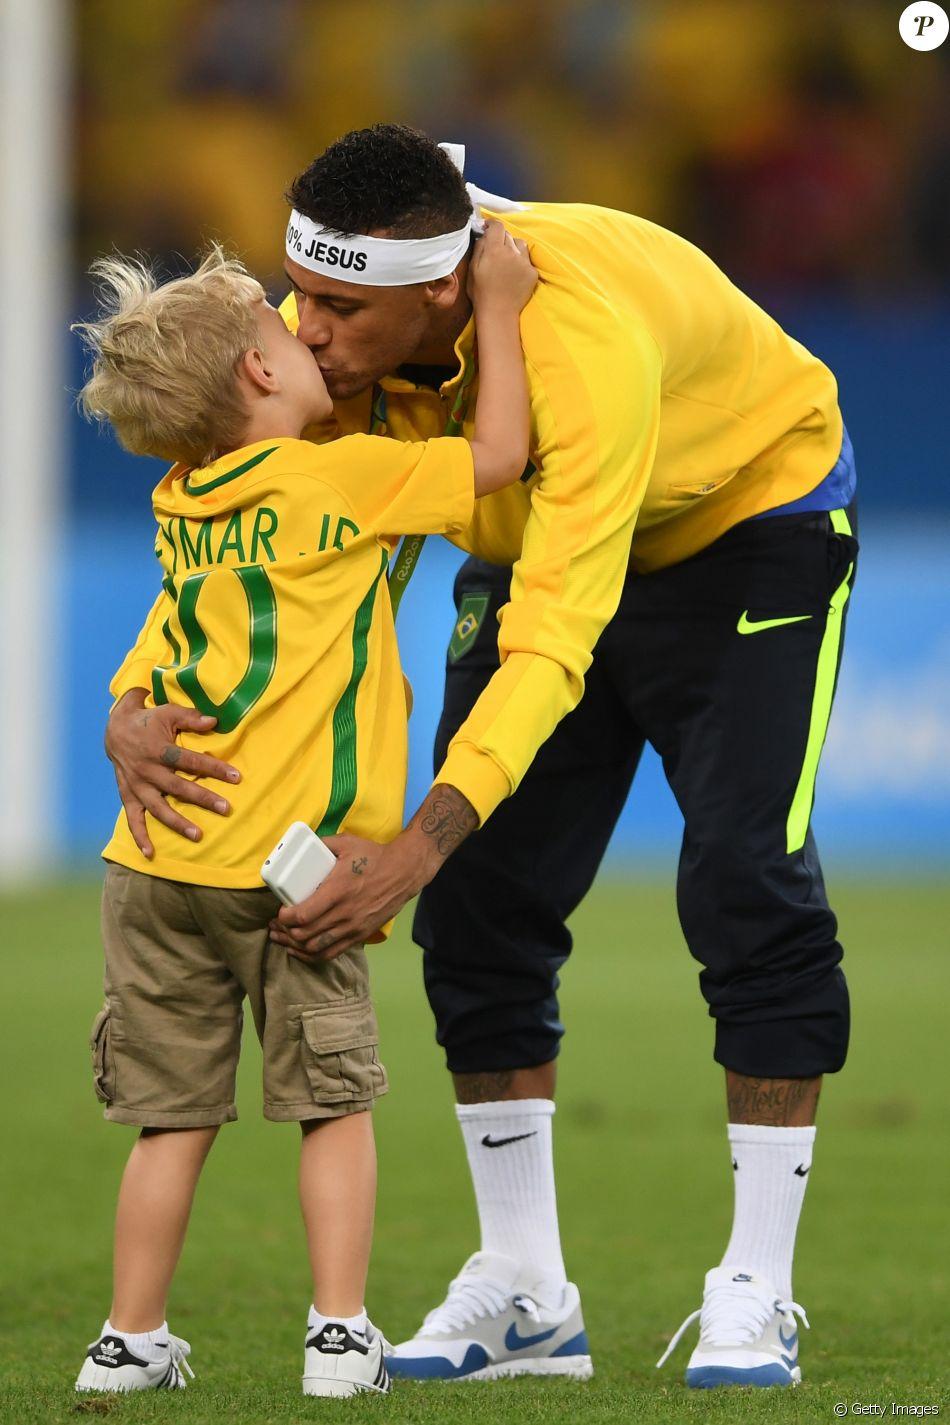 Neymar ganhou uma homenagem do filho, Davi Lucca, em sua festa de aniversário neste domingo, 4 de fevereiro de 2018